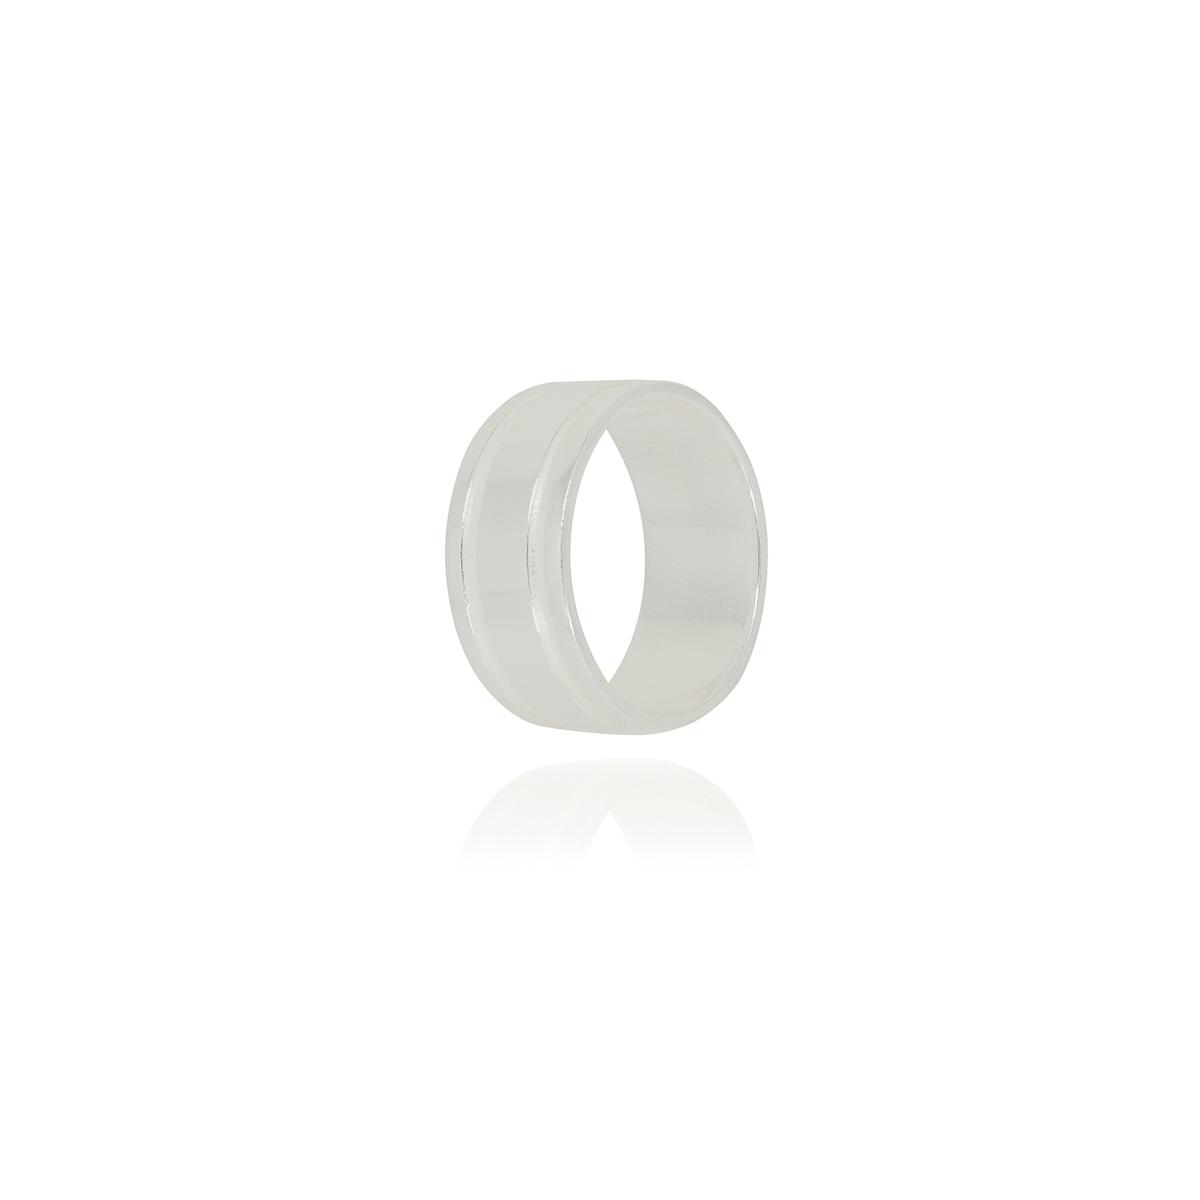 Aliança anatômica 8 mm joia em prata 925 maciça com frisos